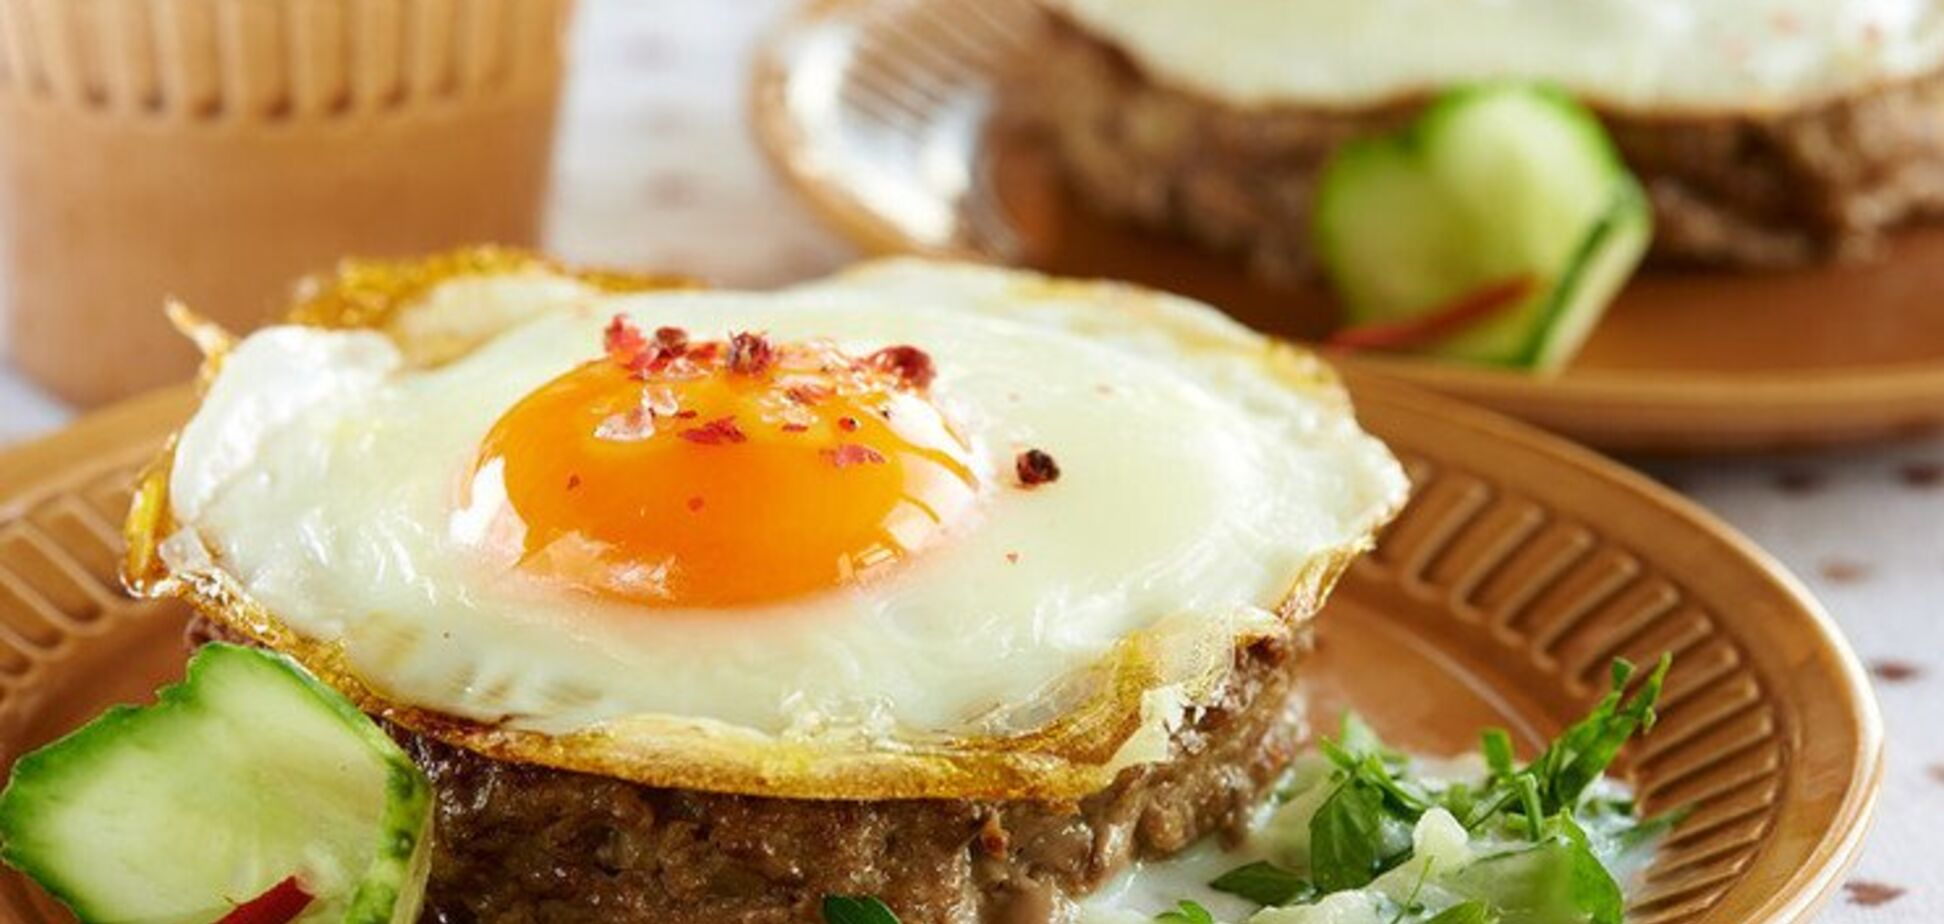 Способ приготовления, польза и вред: факты о яйцах